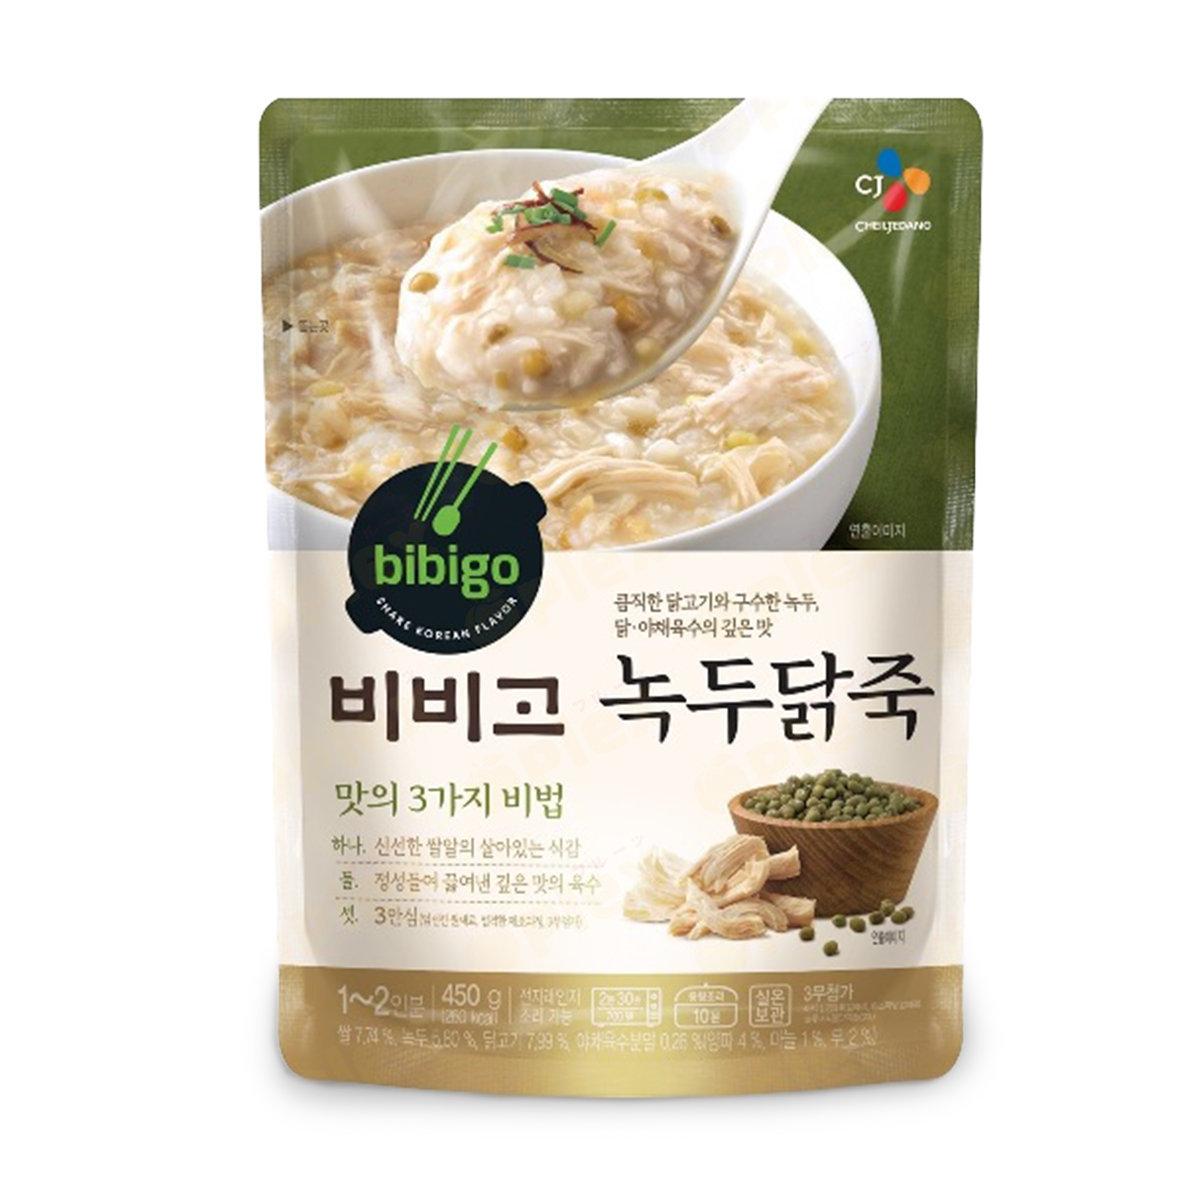 Bibigo Chicken Green Bean Congee (450g)